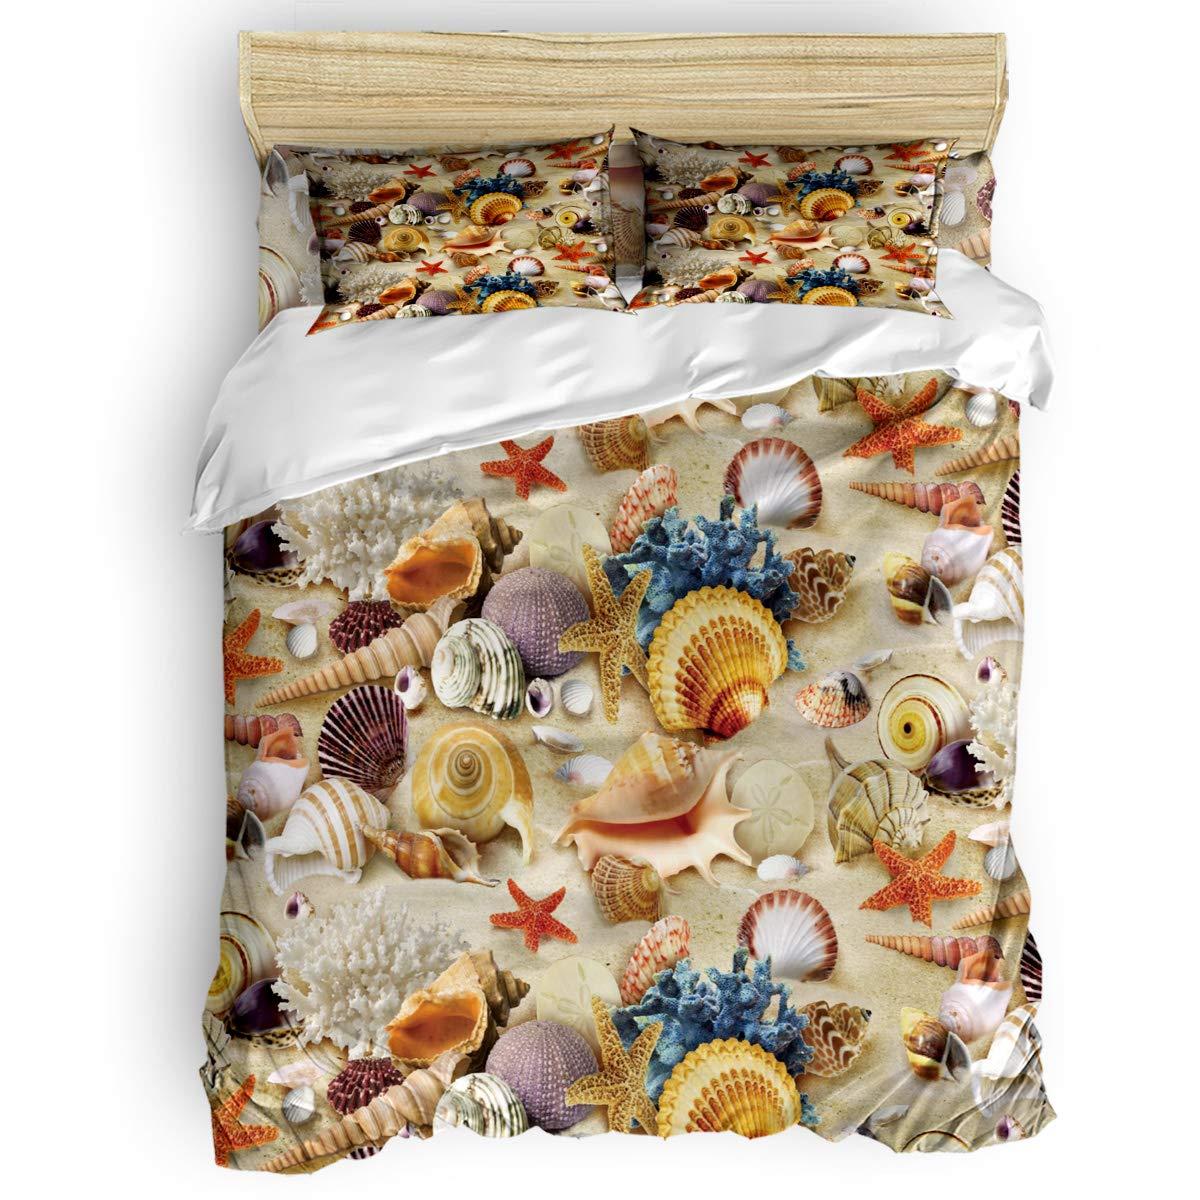 掛け布団カバー 4点セット プール プルメリア 寝具カバーセット ベッド用 べッドシーツ 枕カバー 洋式 和式兼用 布団カバー 肌に優しい 羽毛布団セット 100%ポリエステル セミダブル B07TF8ZZ7T Starfish Beach7LAS1097 セミダブル